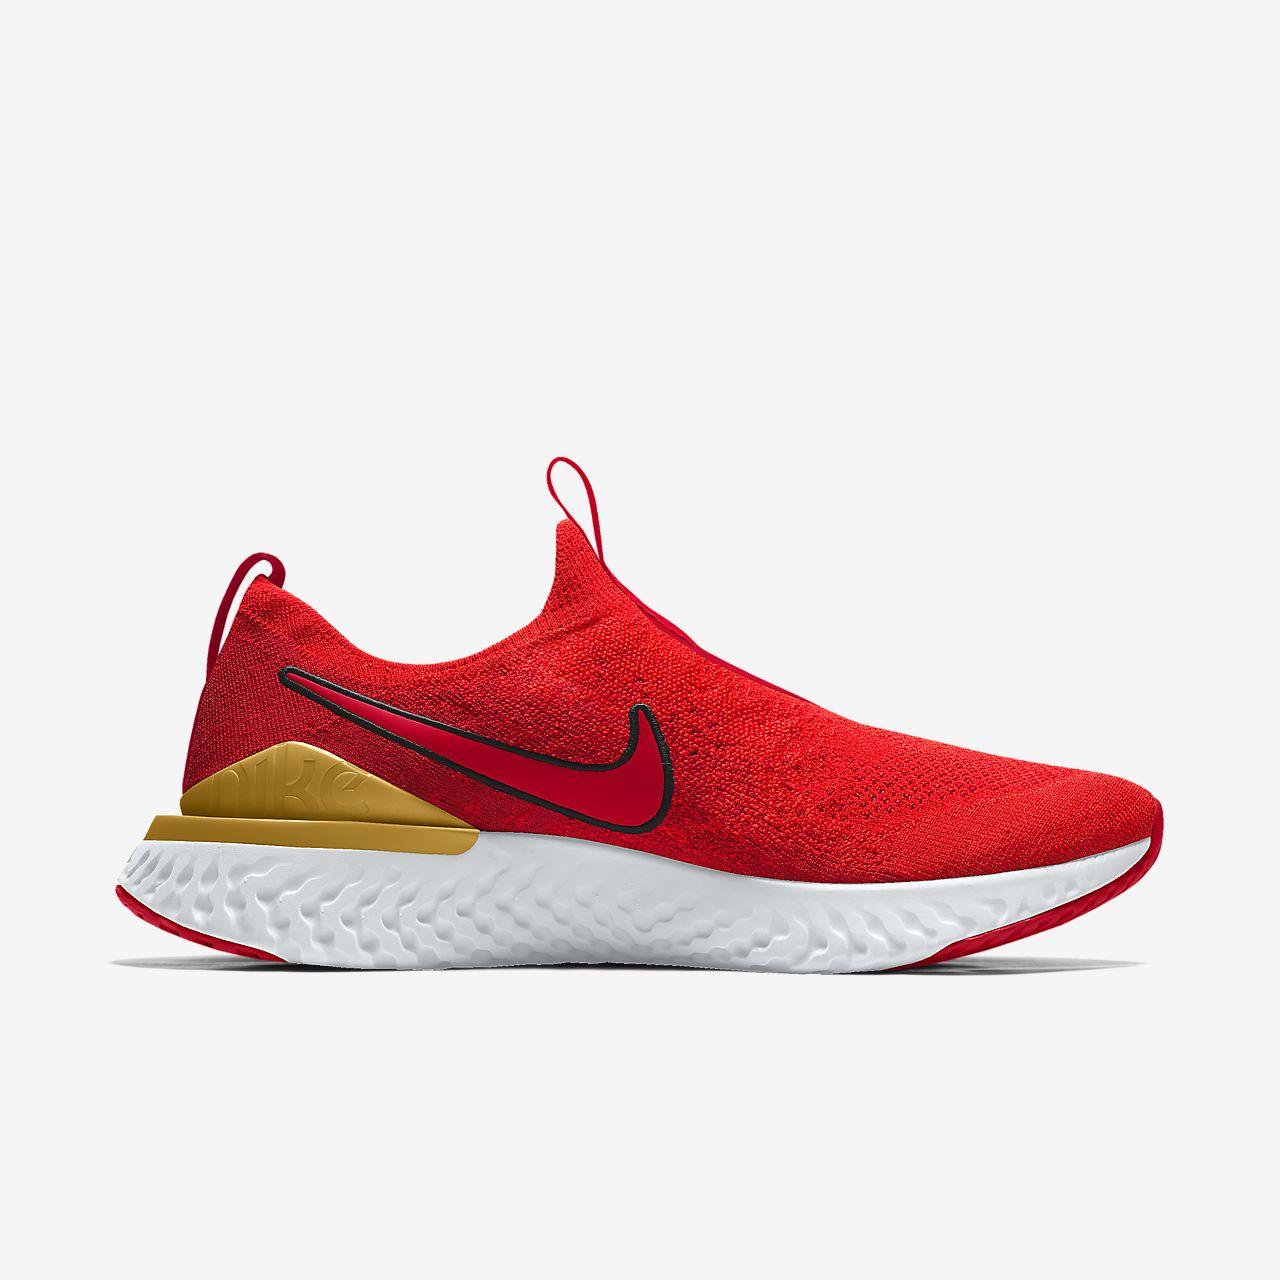 Gute Qualität Nike Free Run Flyknit 2 In Weiß | Schuhe